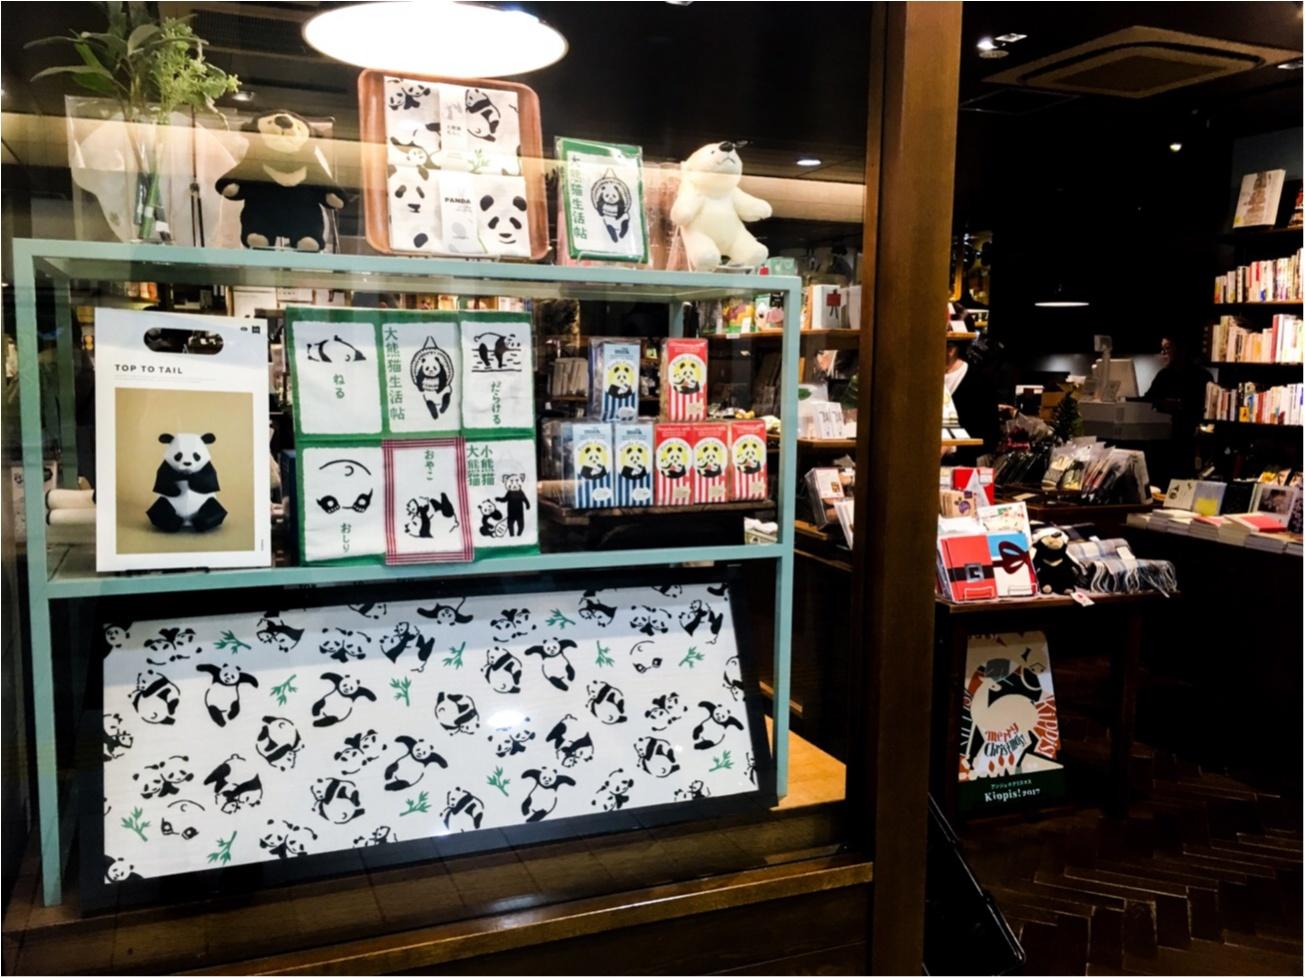 【上野/シャンシャン公開記念❁】上野駅・駅ナカでGETできるパンダグッズがとってもキュート♡♡_7